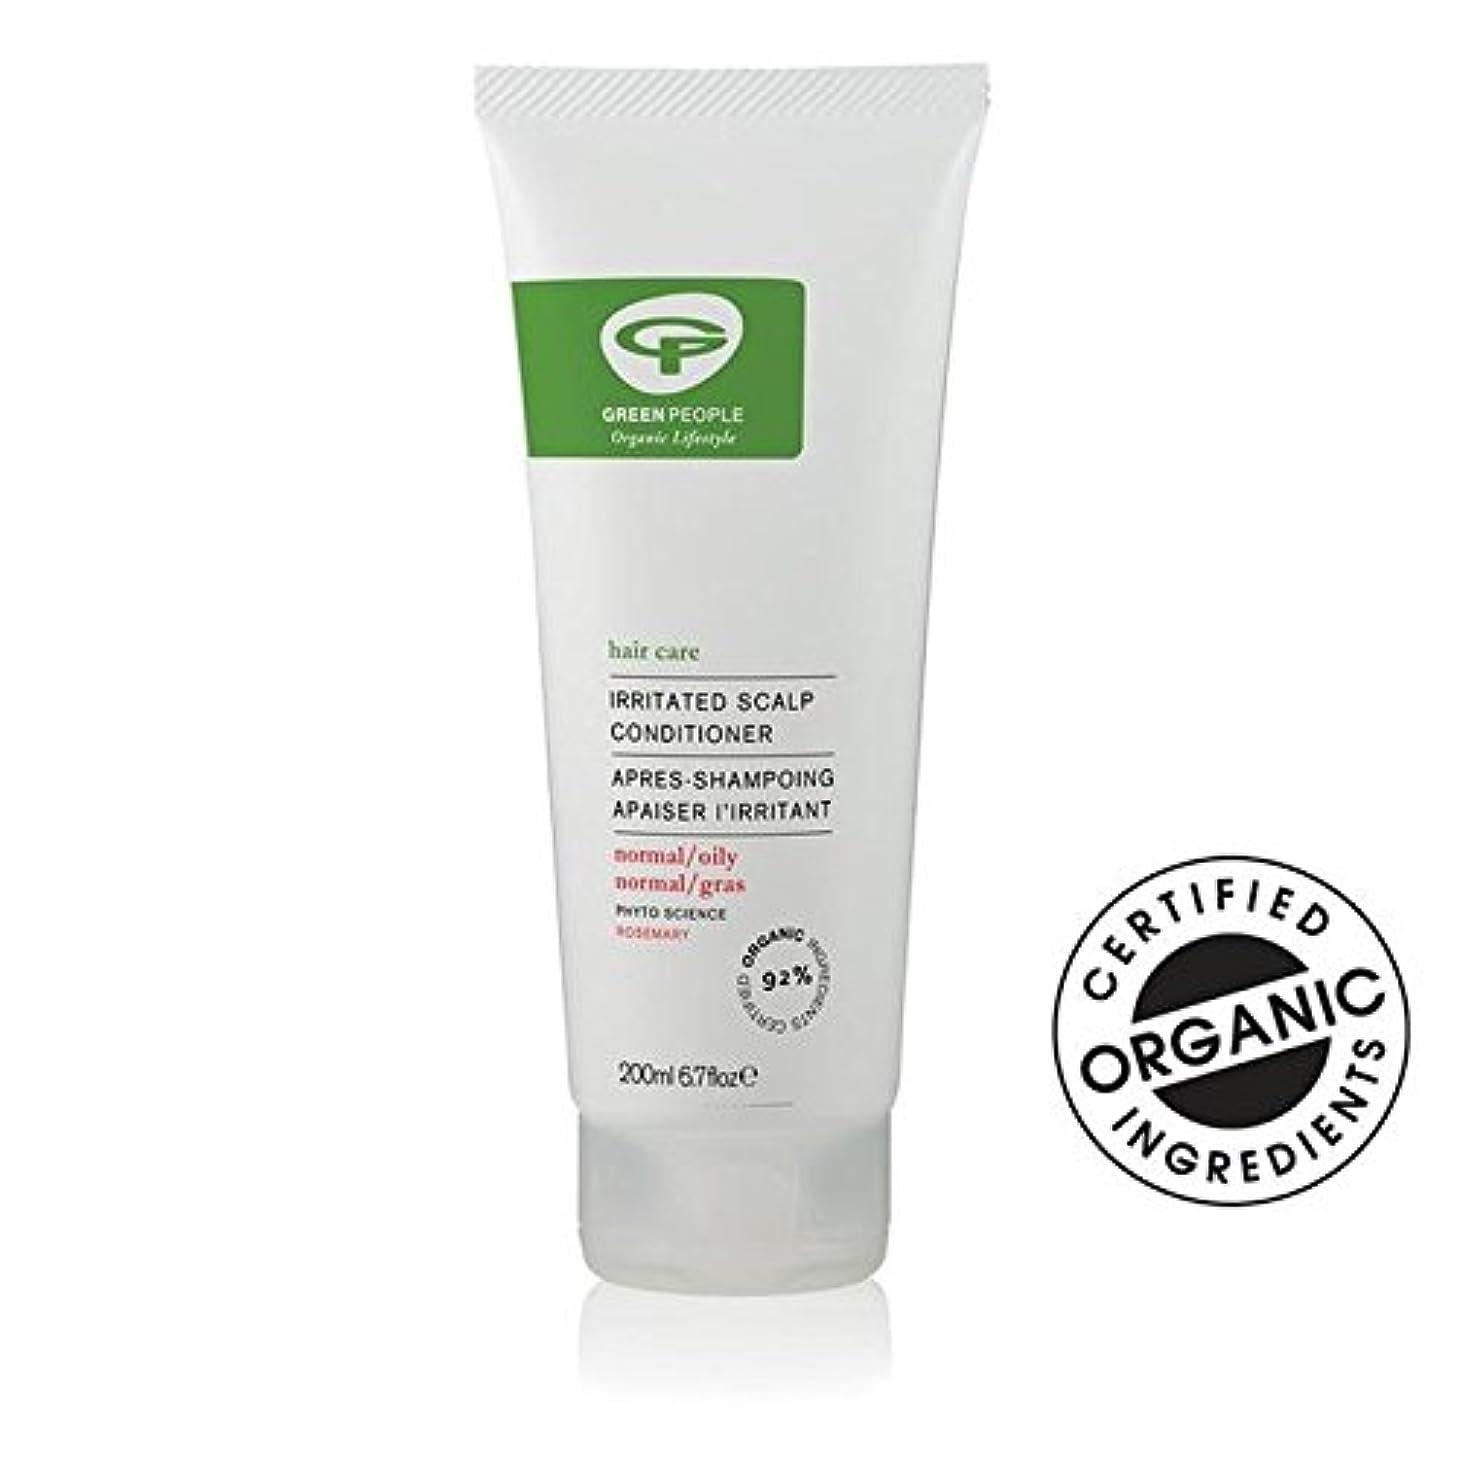 嫌なシェア応答Green People Irritated Scalp Conditioner 200ml - 緑の人々イライラ頭皮コンディショナー200 [並行輸入品]